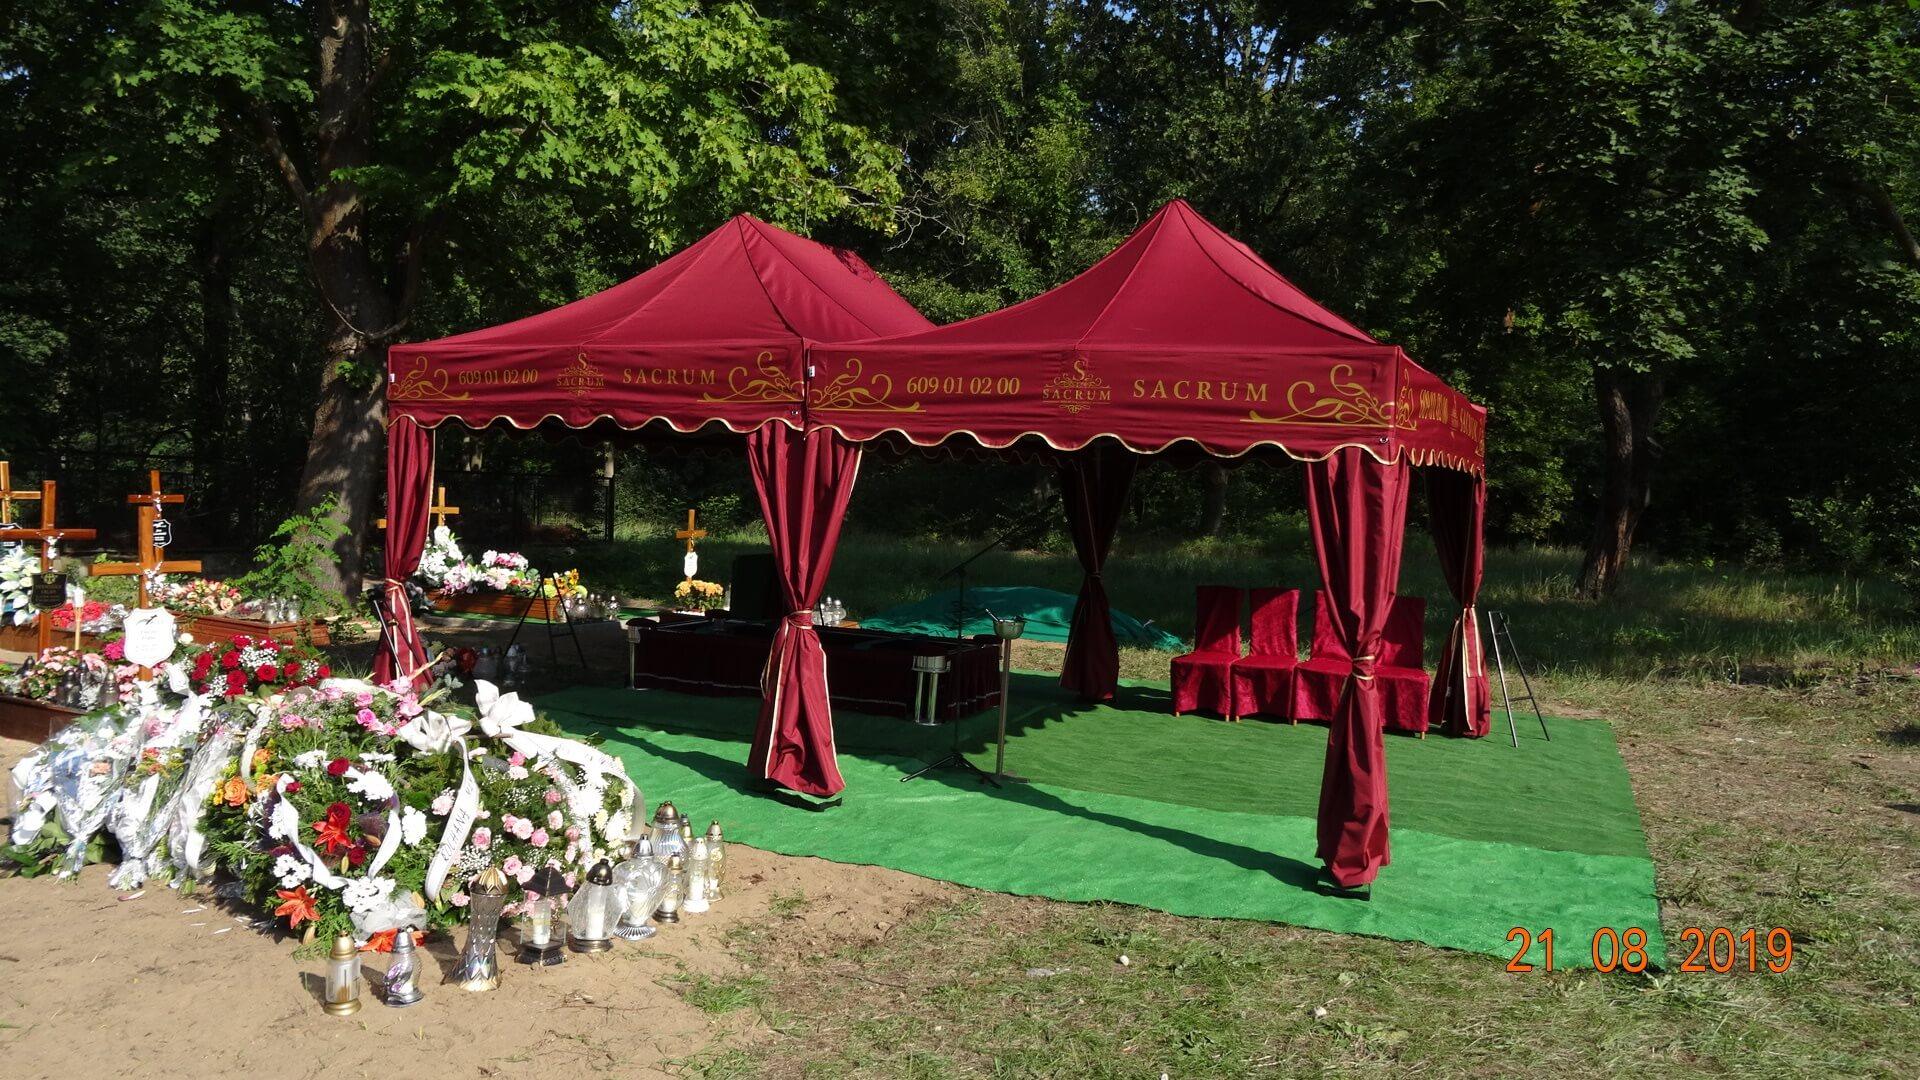 zaklad pogrzebowy Sacrum 5